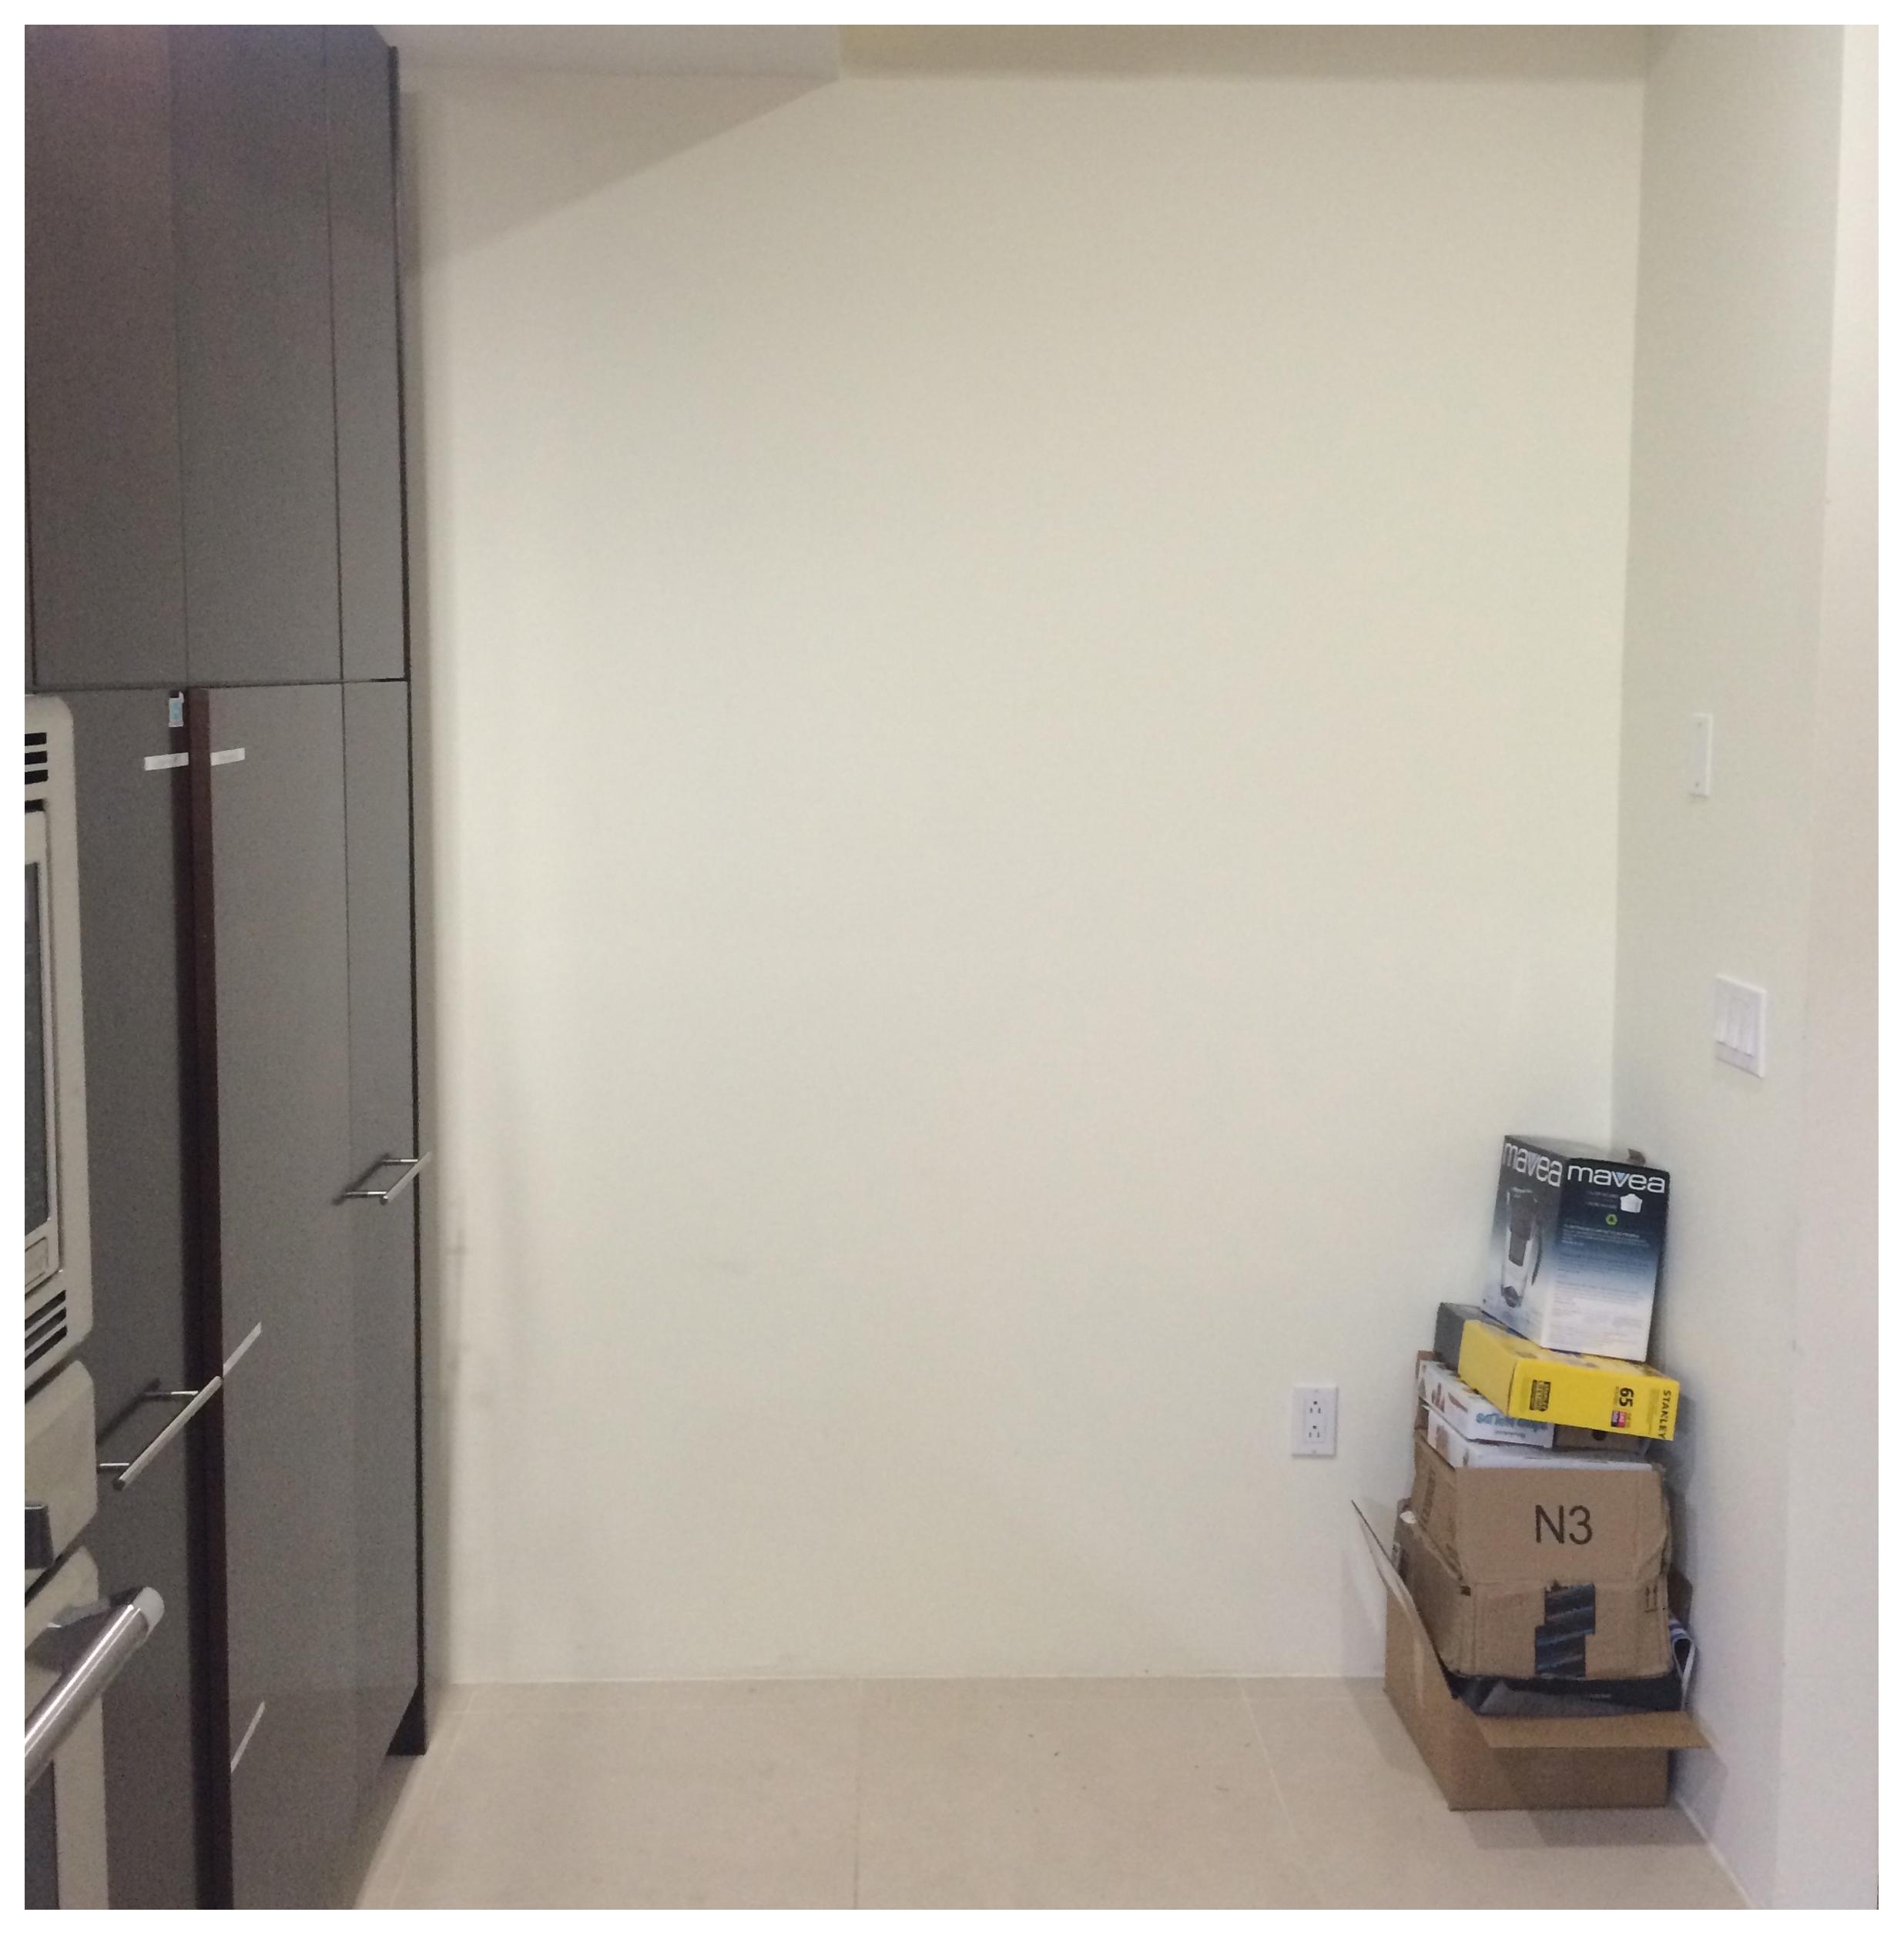 before-kitchen-nook_zmaic-one-month-interior-design.jpg